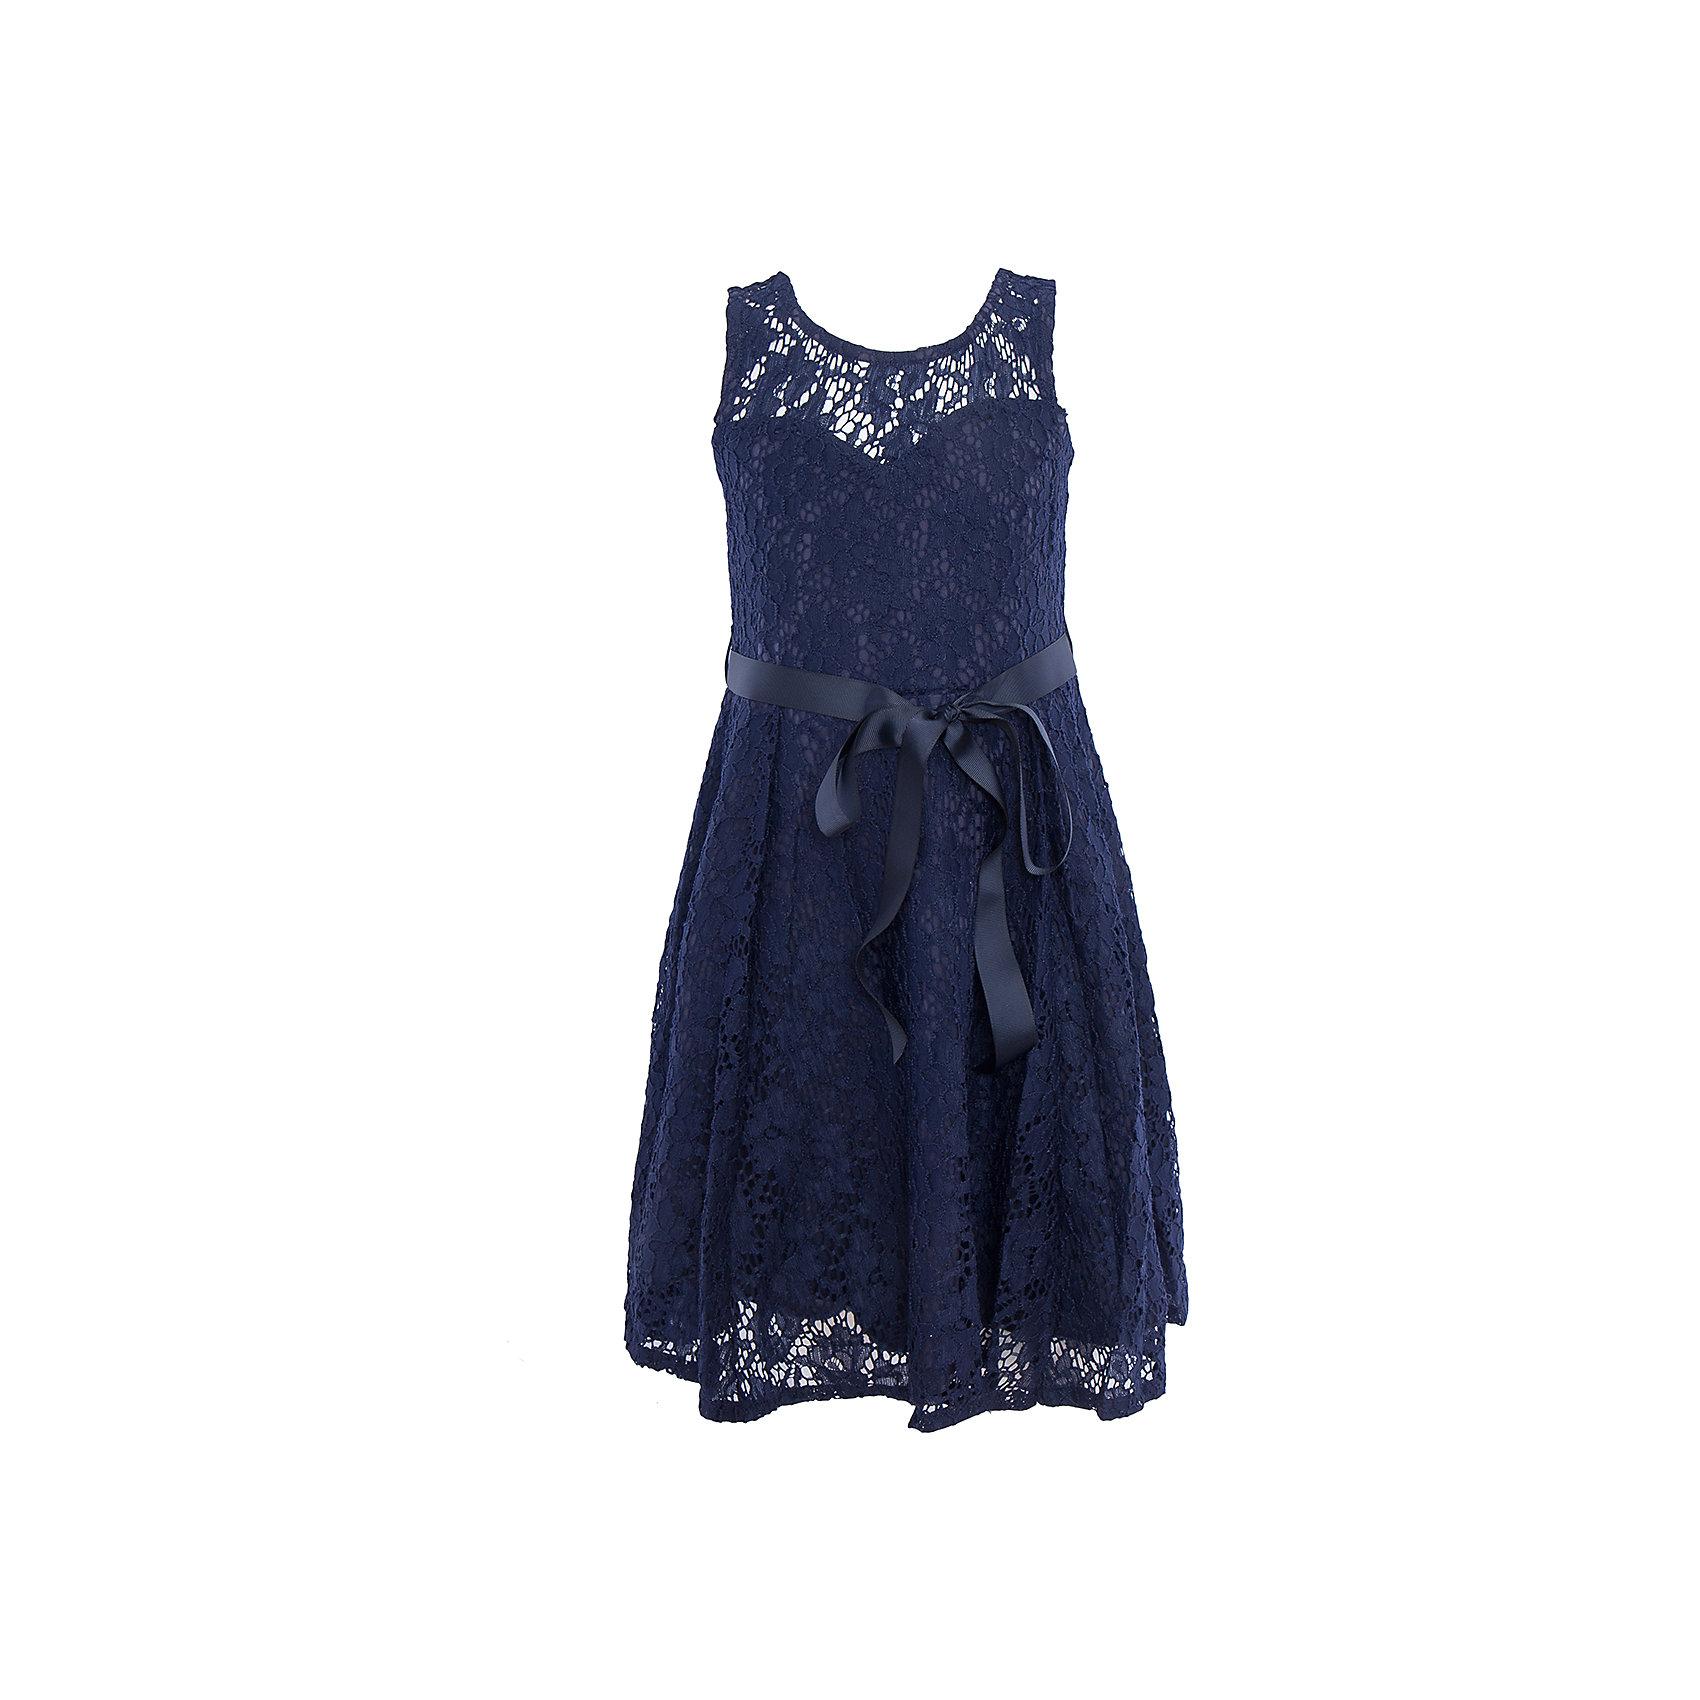 Нарядное платье для девочки LuminosoХарактеристики:<br><br>• Вид одежды: платье<br>• Предназначение: для праздника, торжеств<br>• Сезон: круглый год<br>• Материал: верх – 90% полиэстер, 10% эластан; подкладка – 95% хлопок, 5% эластан<br>• Цвет: темно-синий<br>• Силуэт: классический, прямой<br>• Длина: миди<br>• Вырез горловины: круглый<br>• Застежка: молния на спинке<br>• Особенности ухода: ручная стирка без применения отбеливающих средств, глажение при низкой температуре <br><br>Luminoso – это коллекция от известного производителя Sweet Berry, который сочетает в своей одежде функциональность, качество, стиль и следование современным мировым тенденциям в текстильной индустрии для подростков. <br>Кружевное платье для девочки от знаменитого производителя детской одежды Sweet Berry выполнено из полиэстера с хлопковым подкладка<br>ом. Изделие имеет классический прямой силуэт, полочку из кружева с фигурной подкладкой и застежку-молнию на спинке. Платье выполнено в темно-синем цвете, в комплекте предусмотрен репсовый пояс. Праздничное платье от Luminoso – это залог успеха вашего ребенка на любом торжестве!<br><br>Платье для девочки Luminoso можно купить в нашем интернет-магазине.<br><br>Ширина мм: 236<br>Глубина мм: 16<br>Высота мм: 184<br>Вес г: 177<br>Цвет: синий<br>Возраст от месяцев: 108<br>Возраст до месяцев: 120<br>Пол: Женский<br>Возраст: Детский<br>Размер: 140,134,164,158,152,146<br>SKU: 5052042